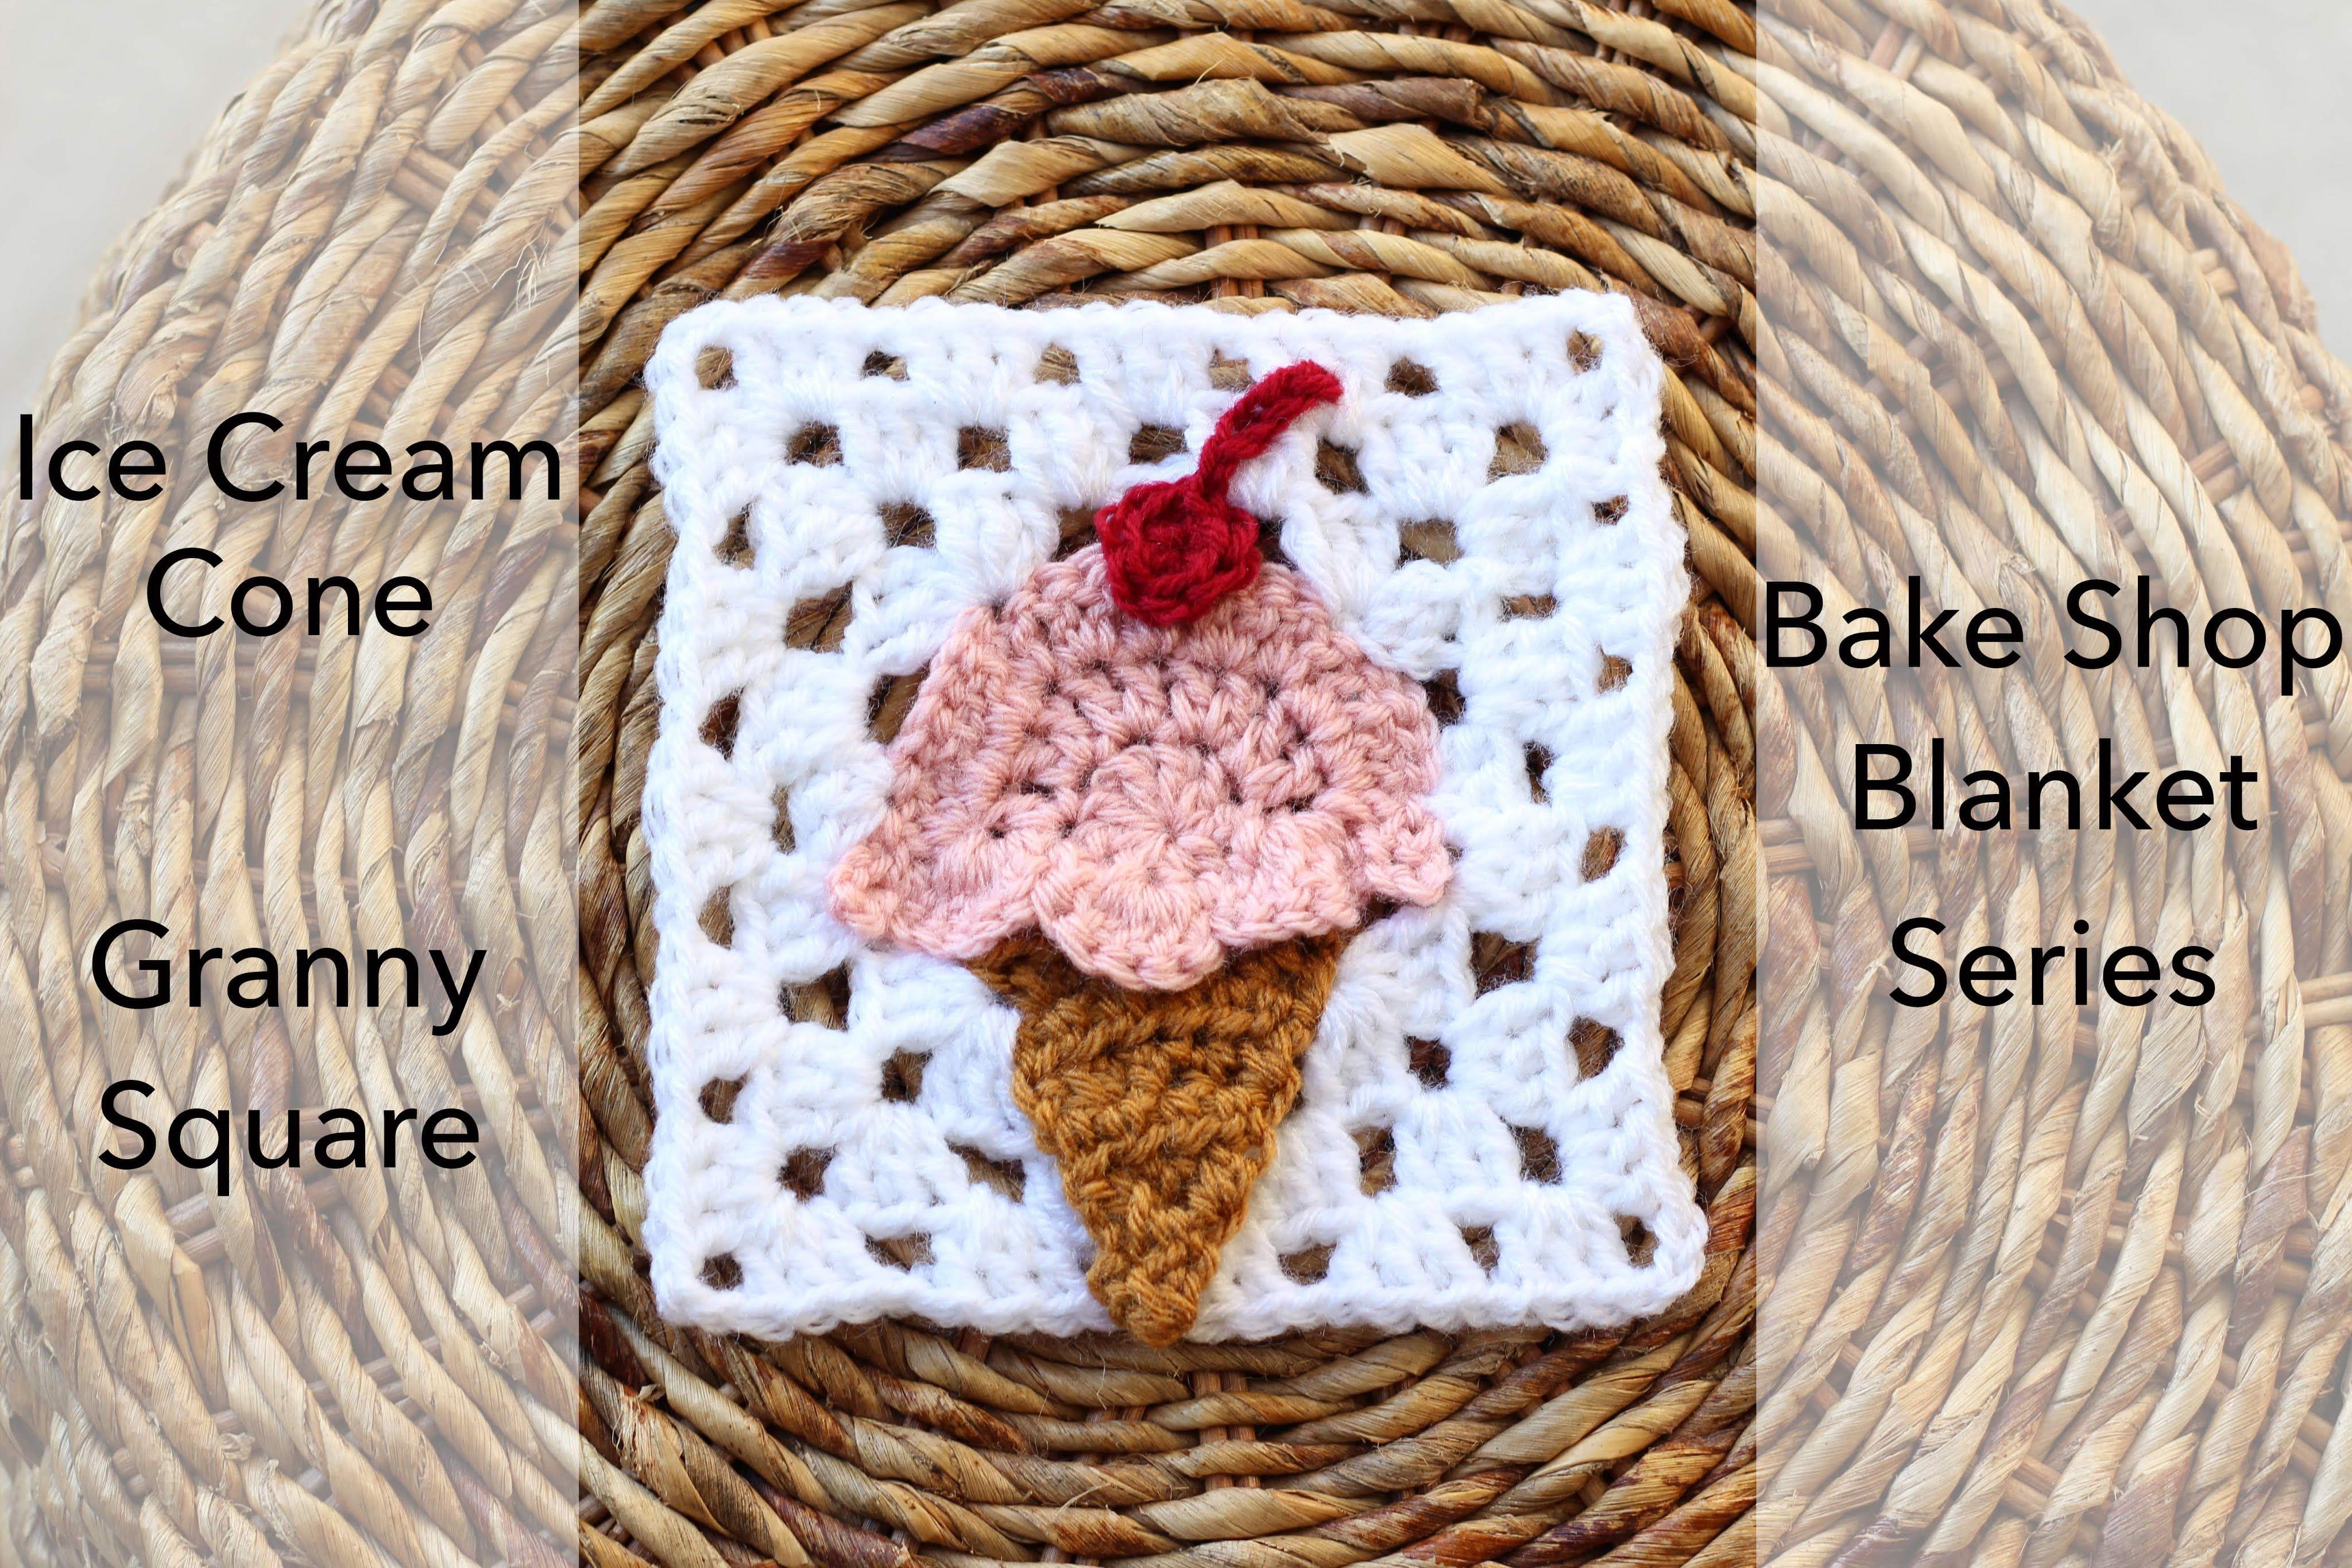 Crochet Ice Cream Cone Granny Square | Bake Shop Blanket Series | Sewrella